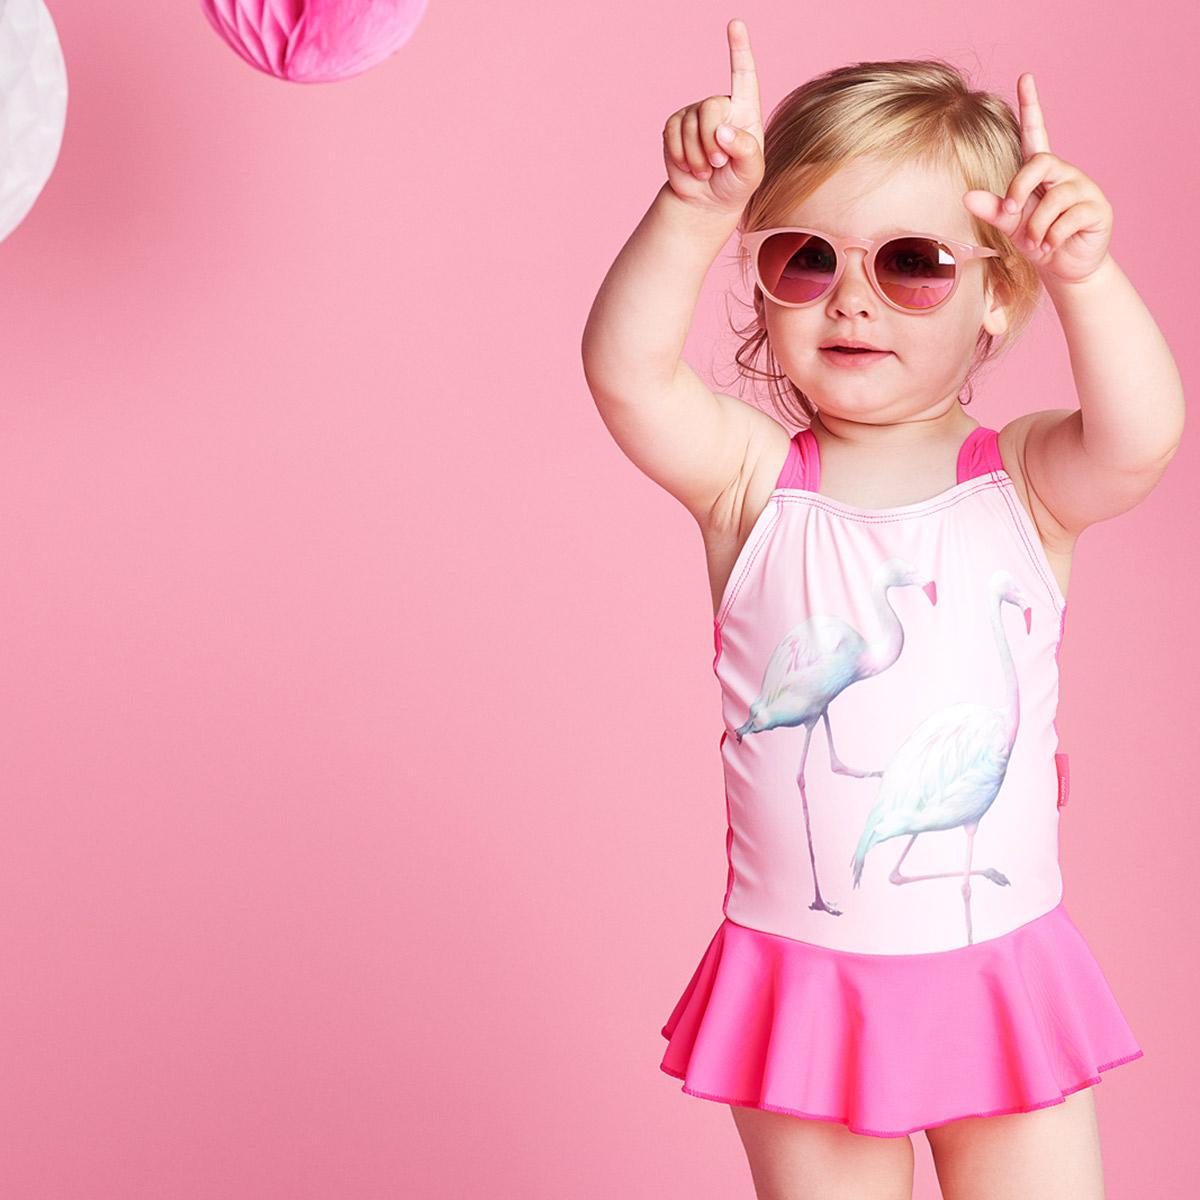 baby badpakje, zwemkleding voor baby's, meisjes badpak, flamingo badpak